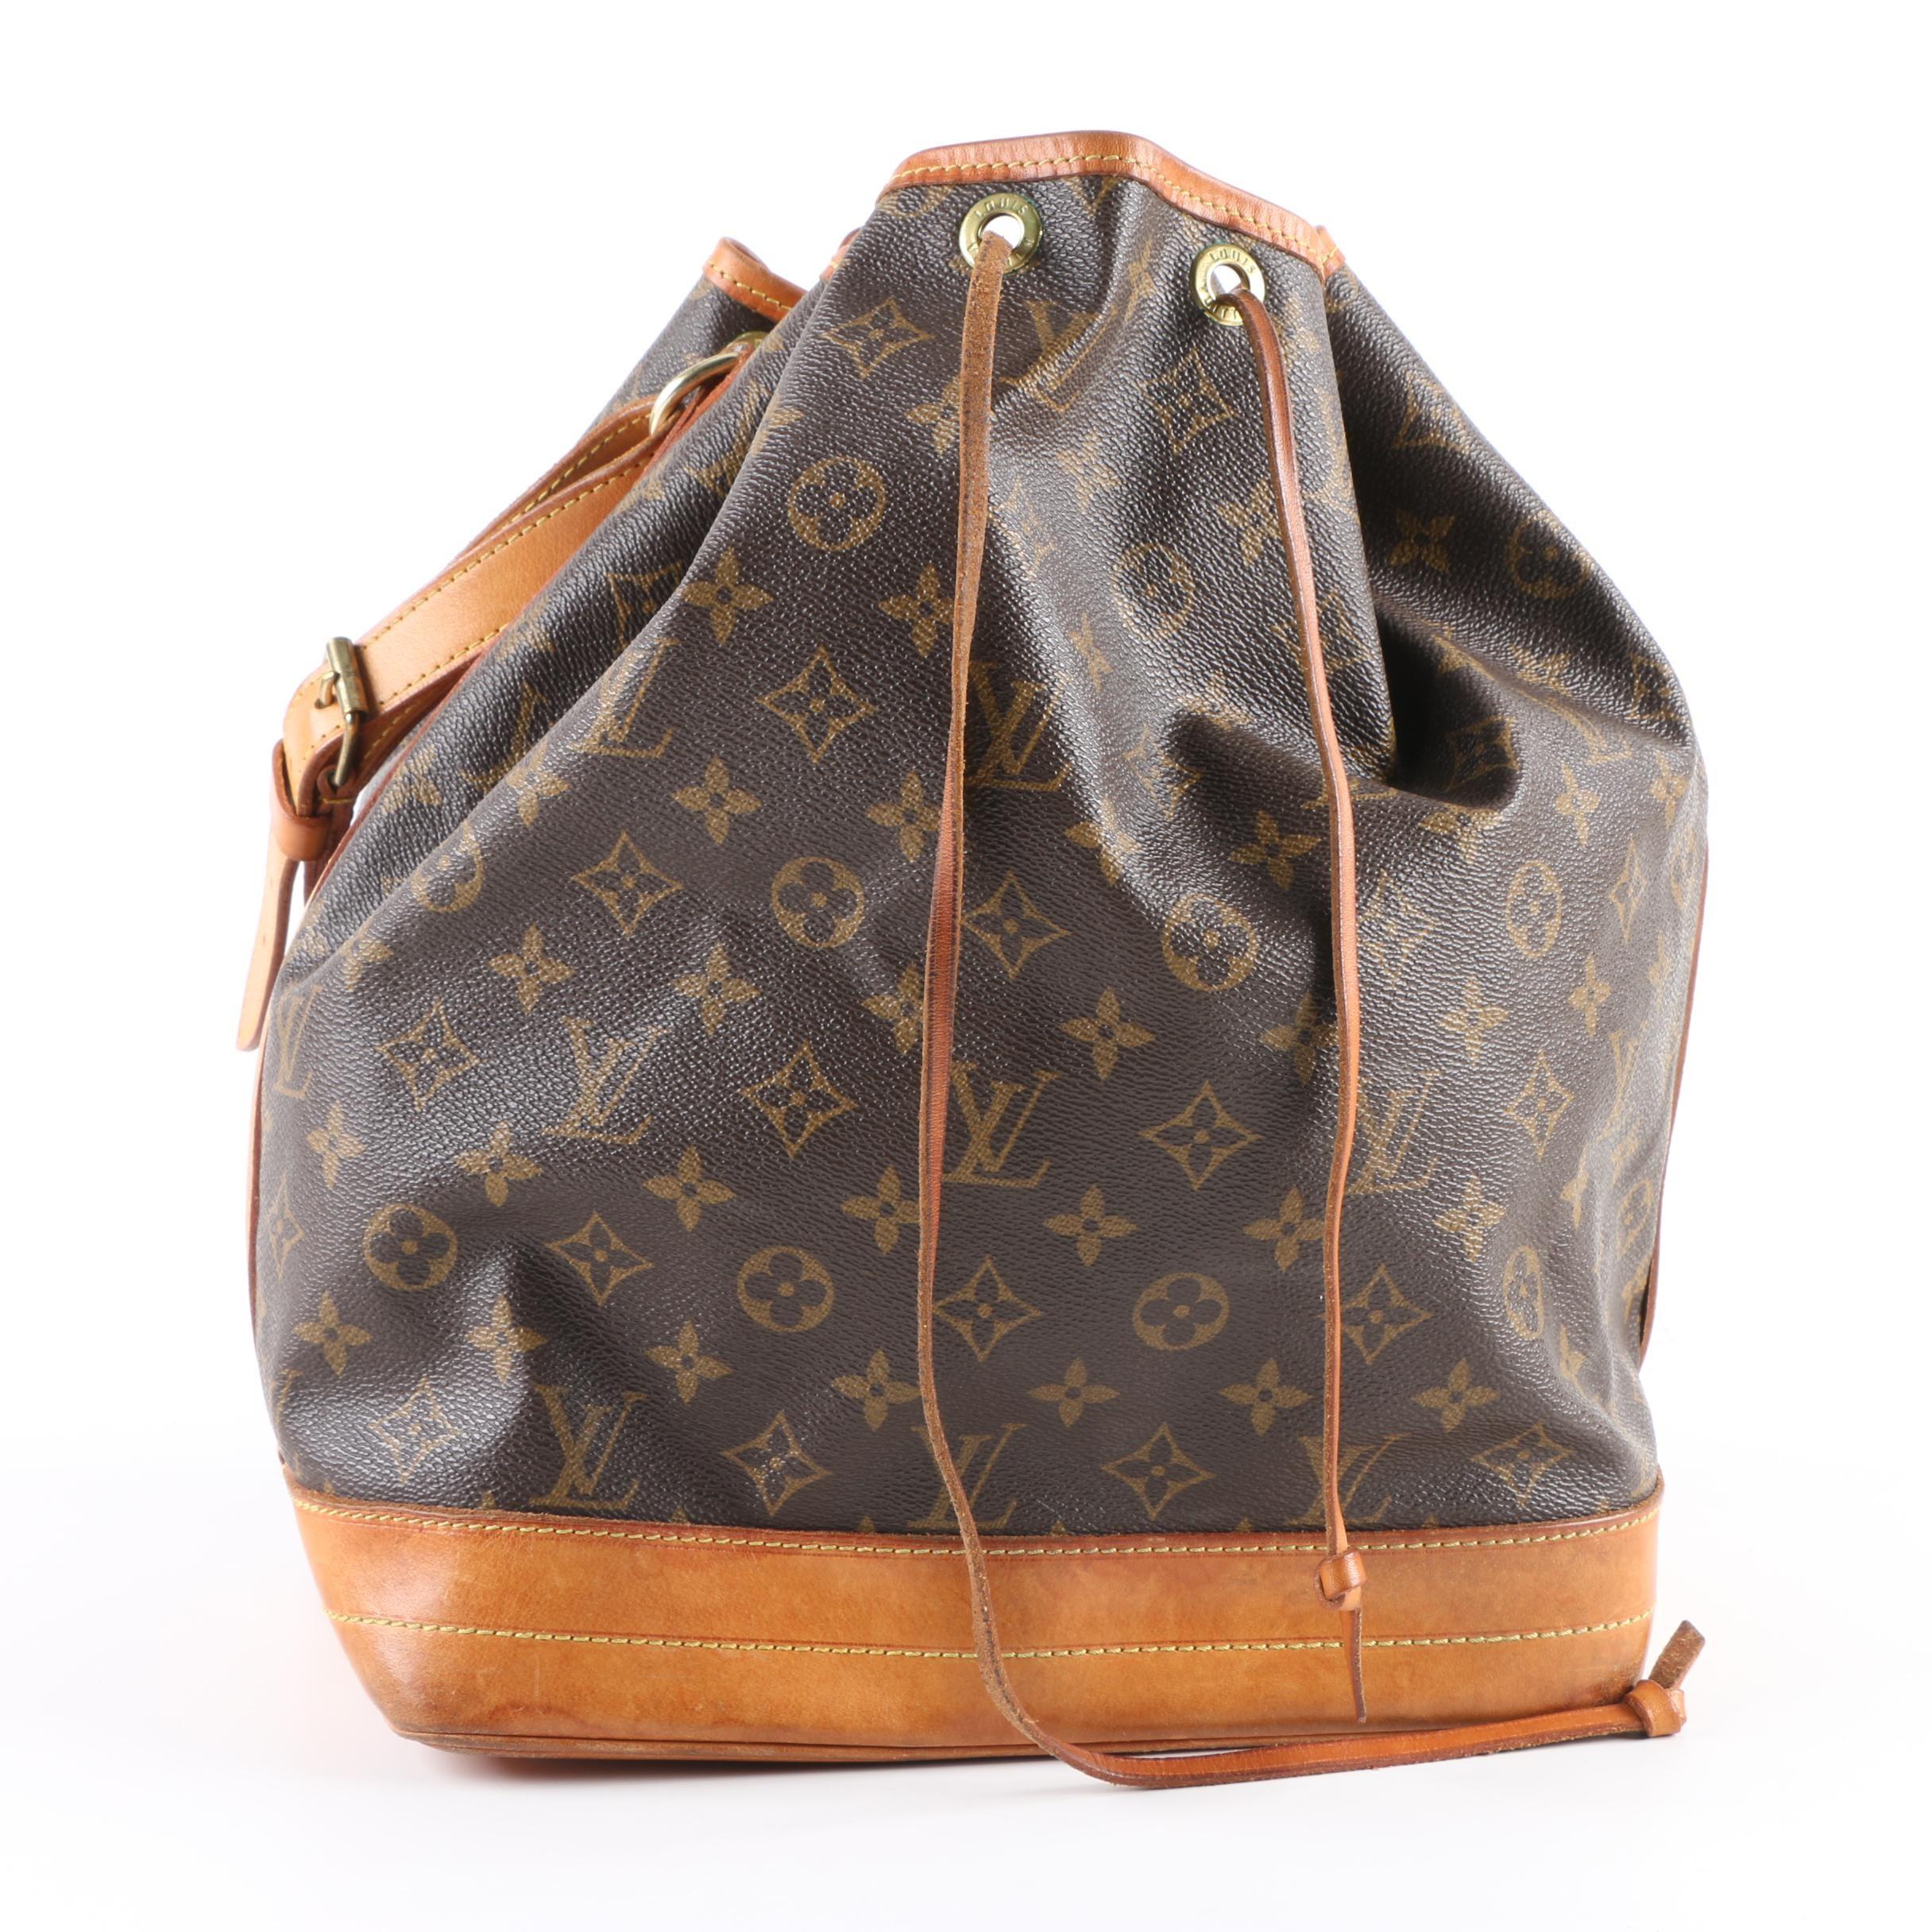 Louis Vuitton of Paris Monogram Noé Bag